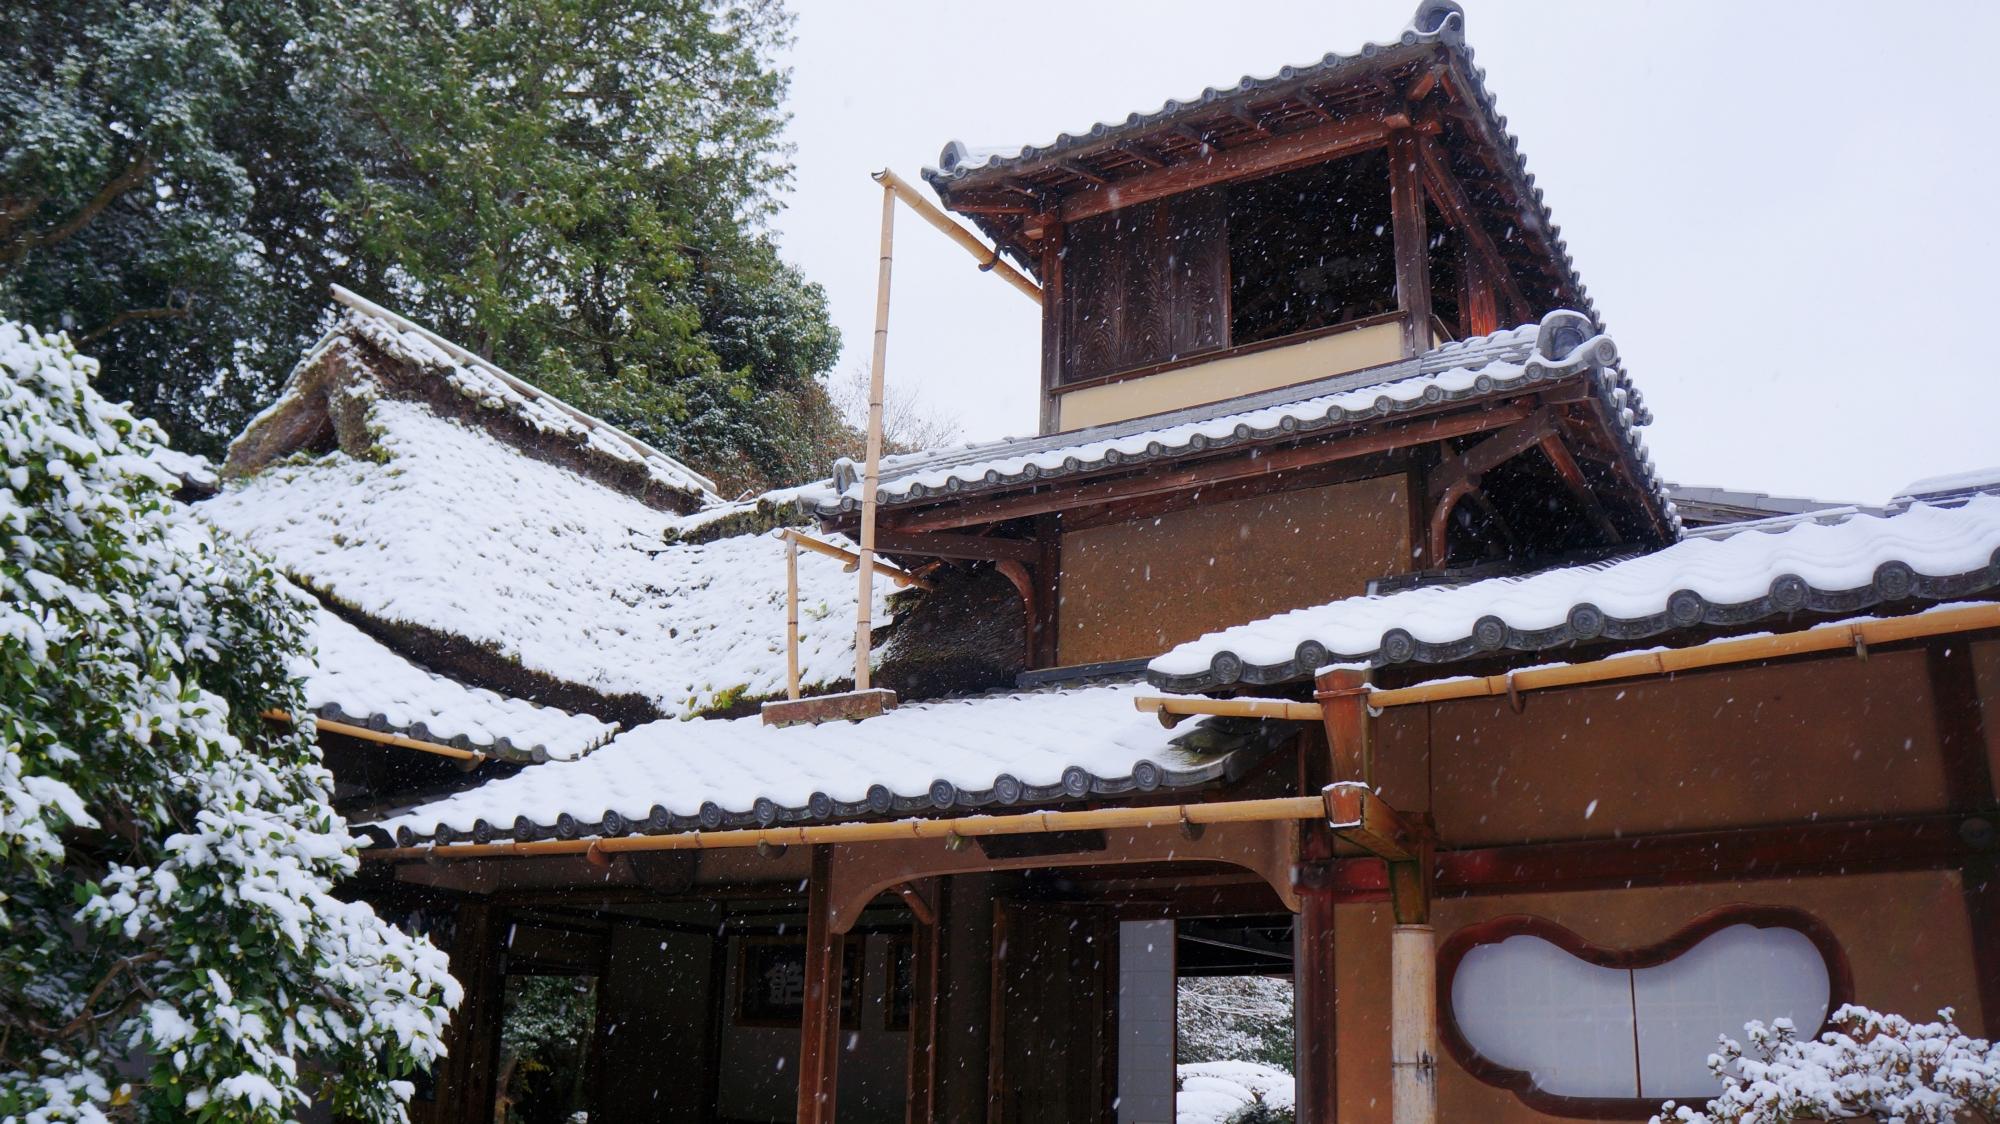 老梅関から眺める雪の嘯月楼(しょうげつろう)